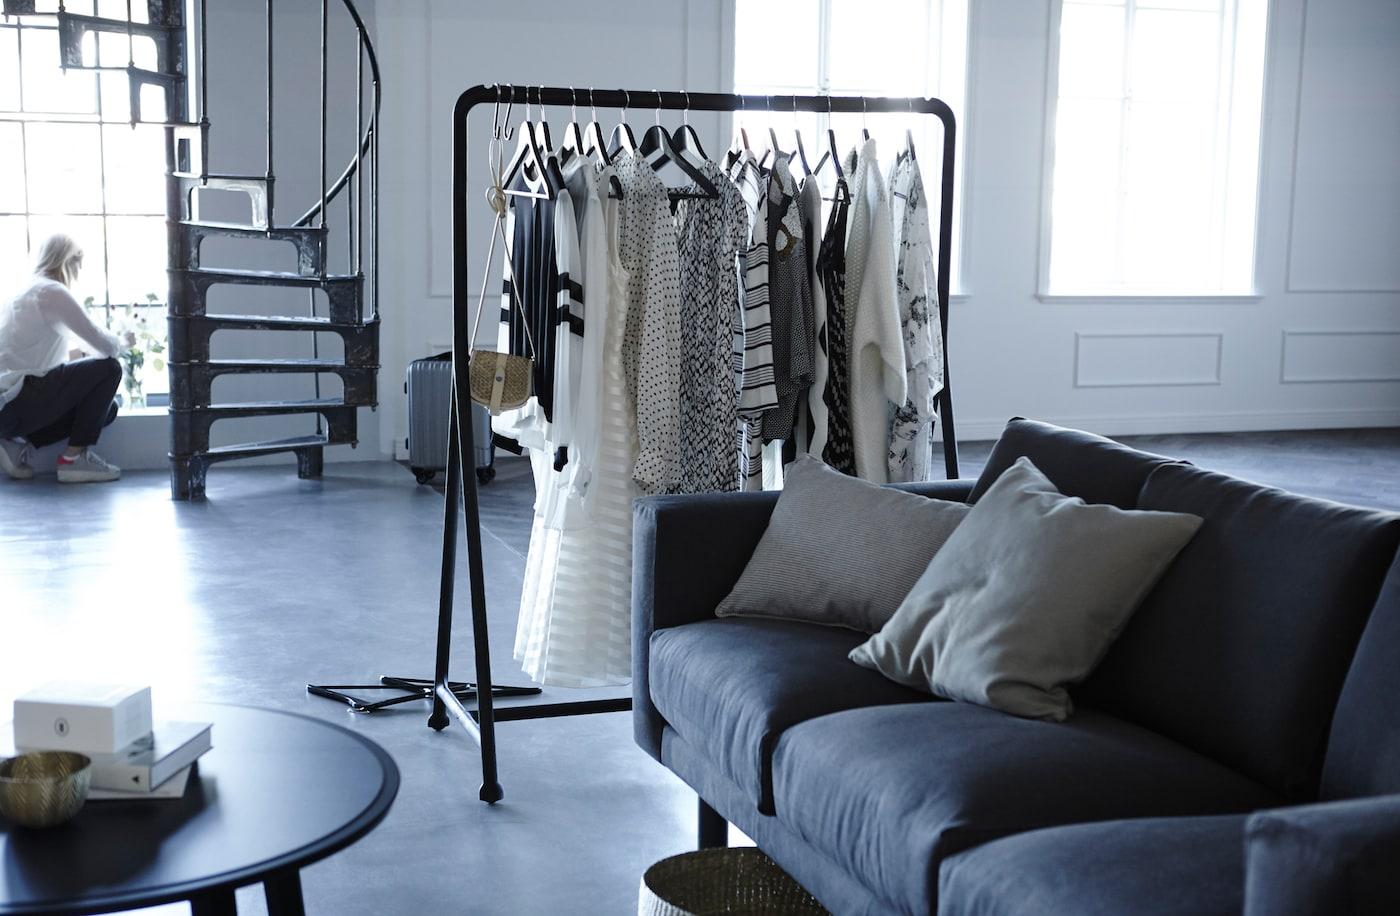 إذا كان لديك ضيفاً يستخدم الكنبة السرير، فإن علاقة الملابس تقوم بدور مزدوج كمقسّم للغرفة ومكان لوضع الملابس.